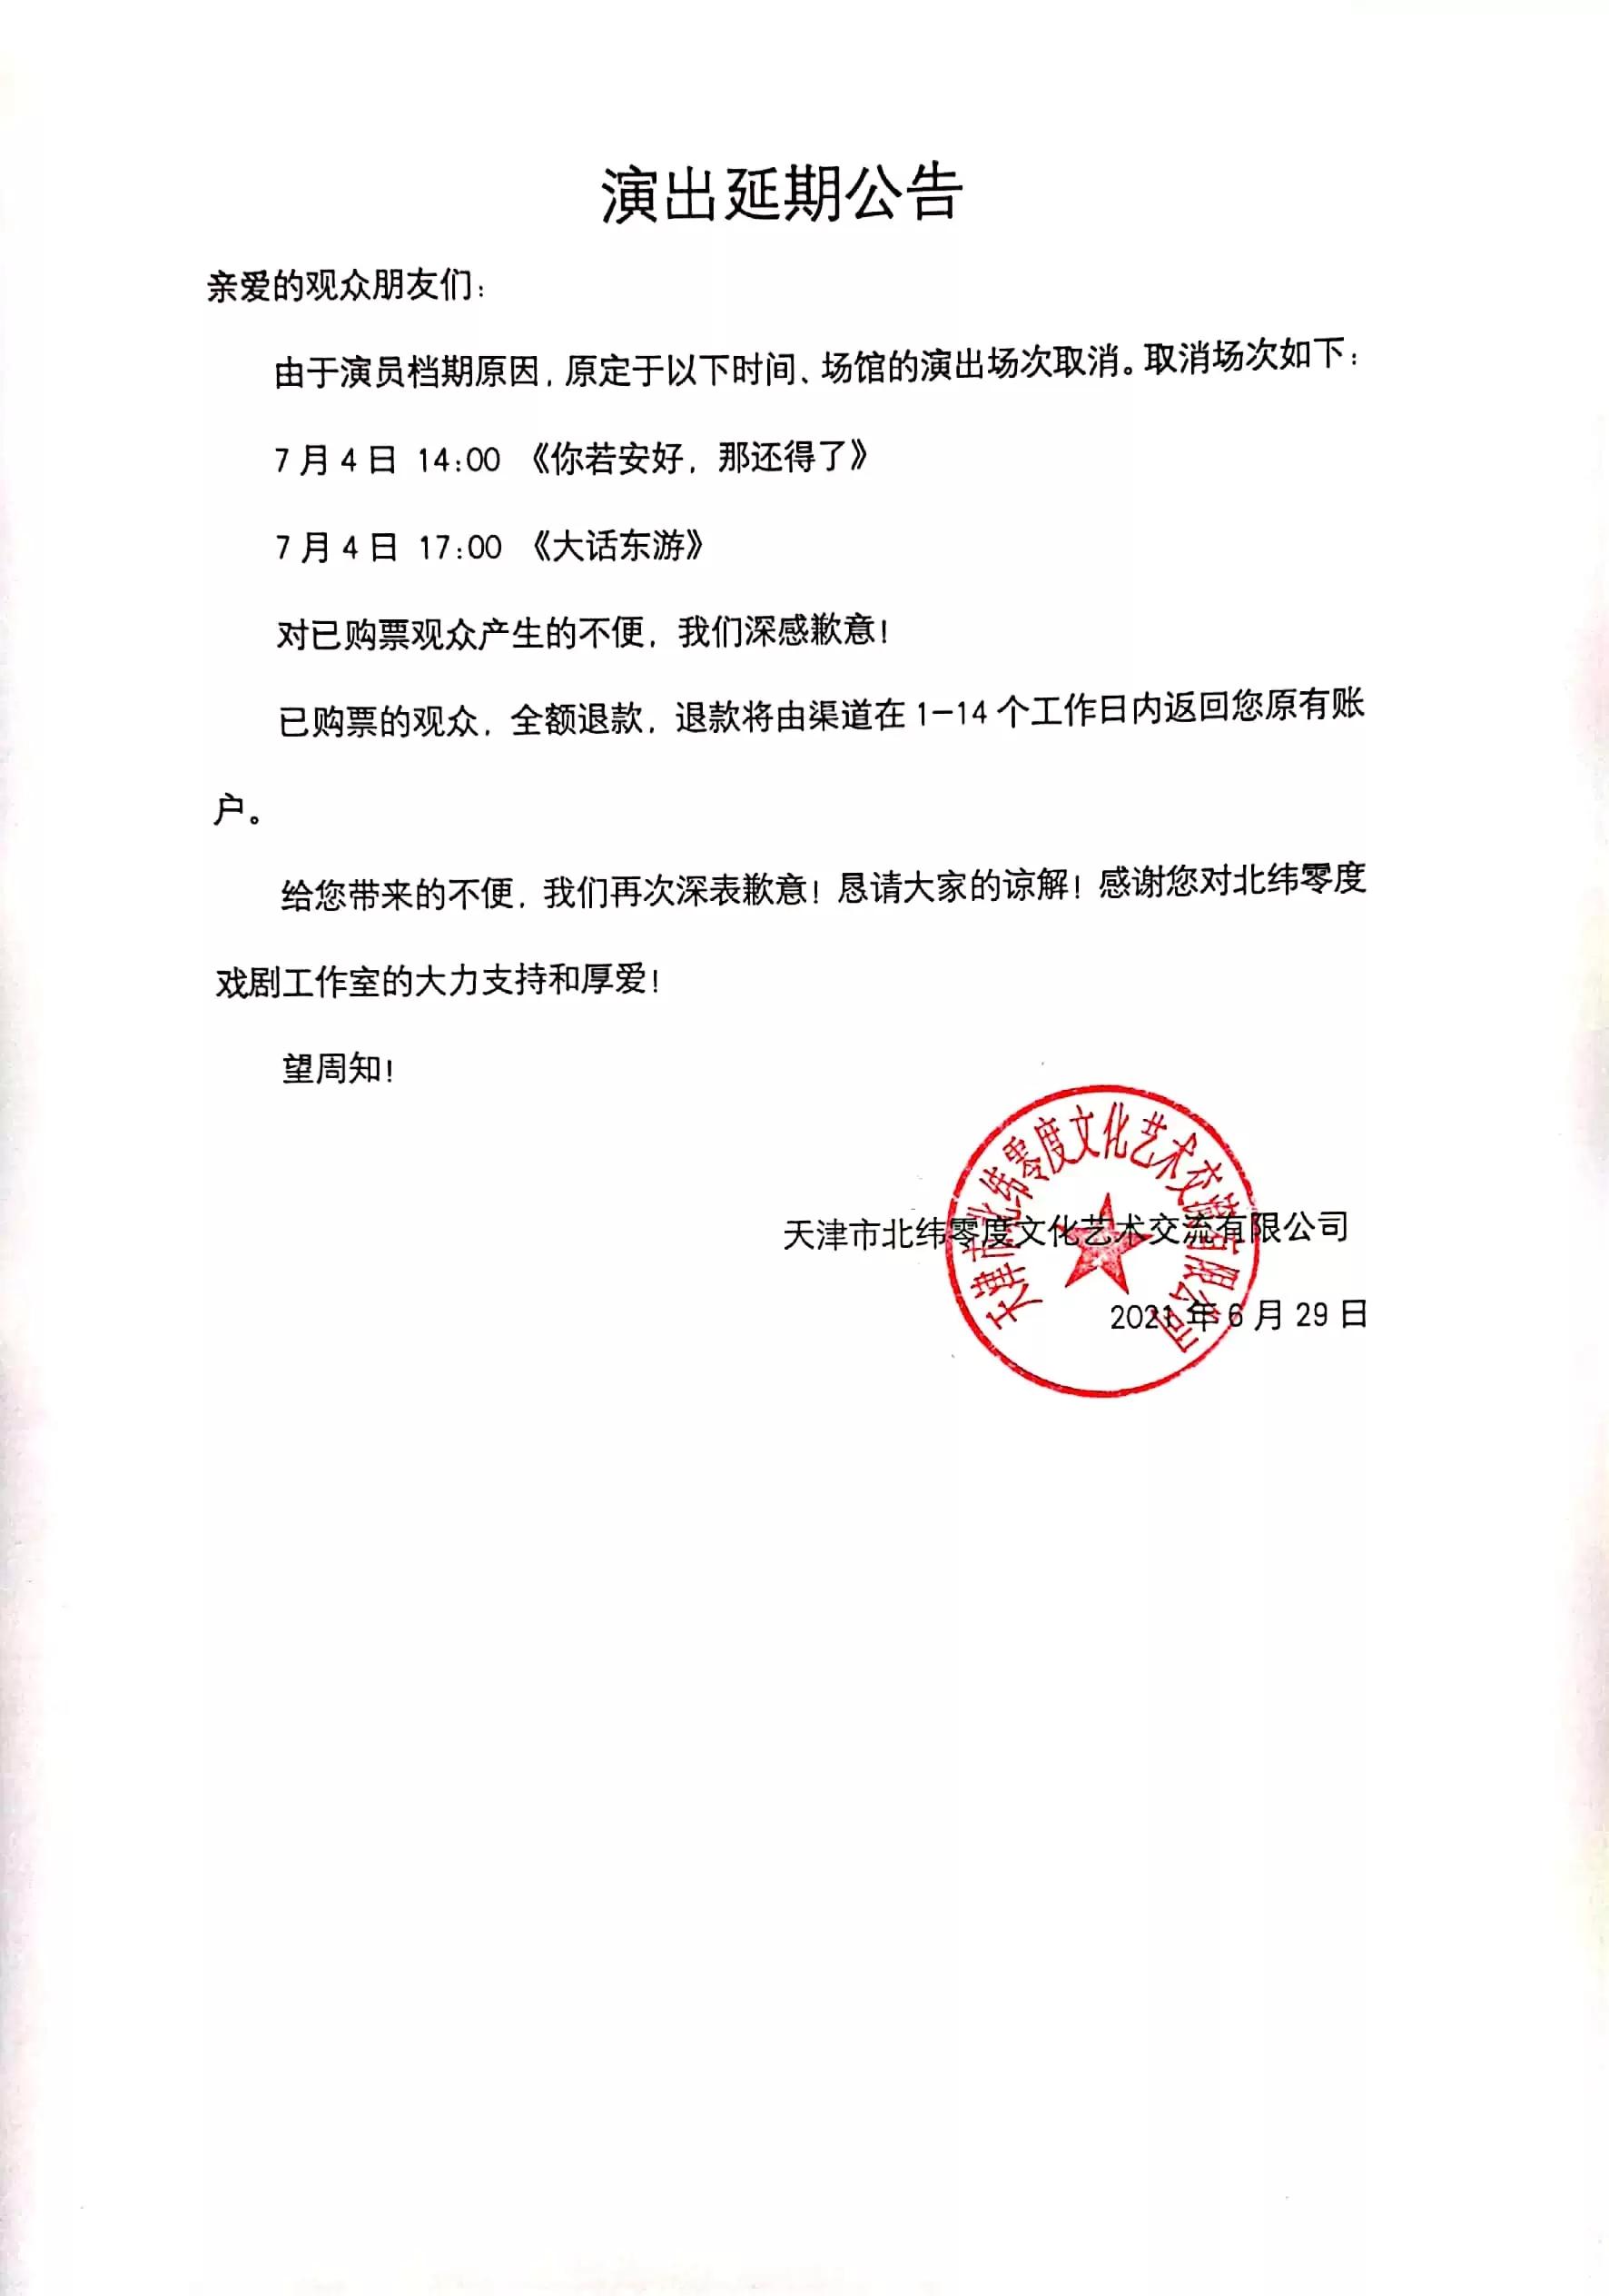 2021非常喜剧《大话东游》—北纬零度出品-武汉站